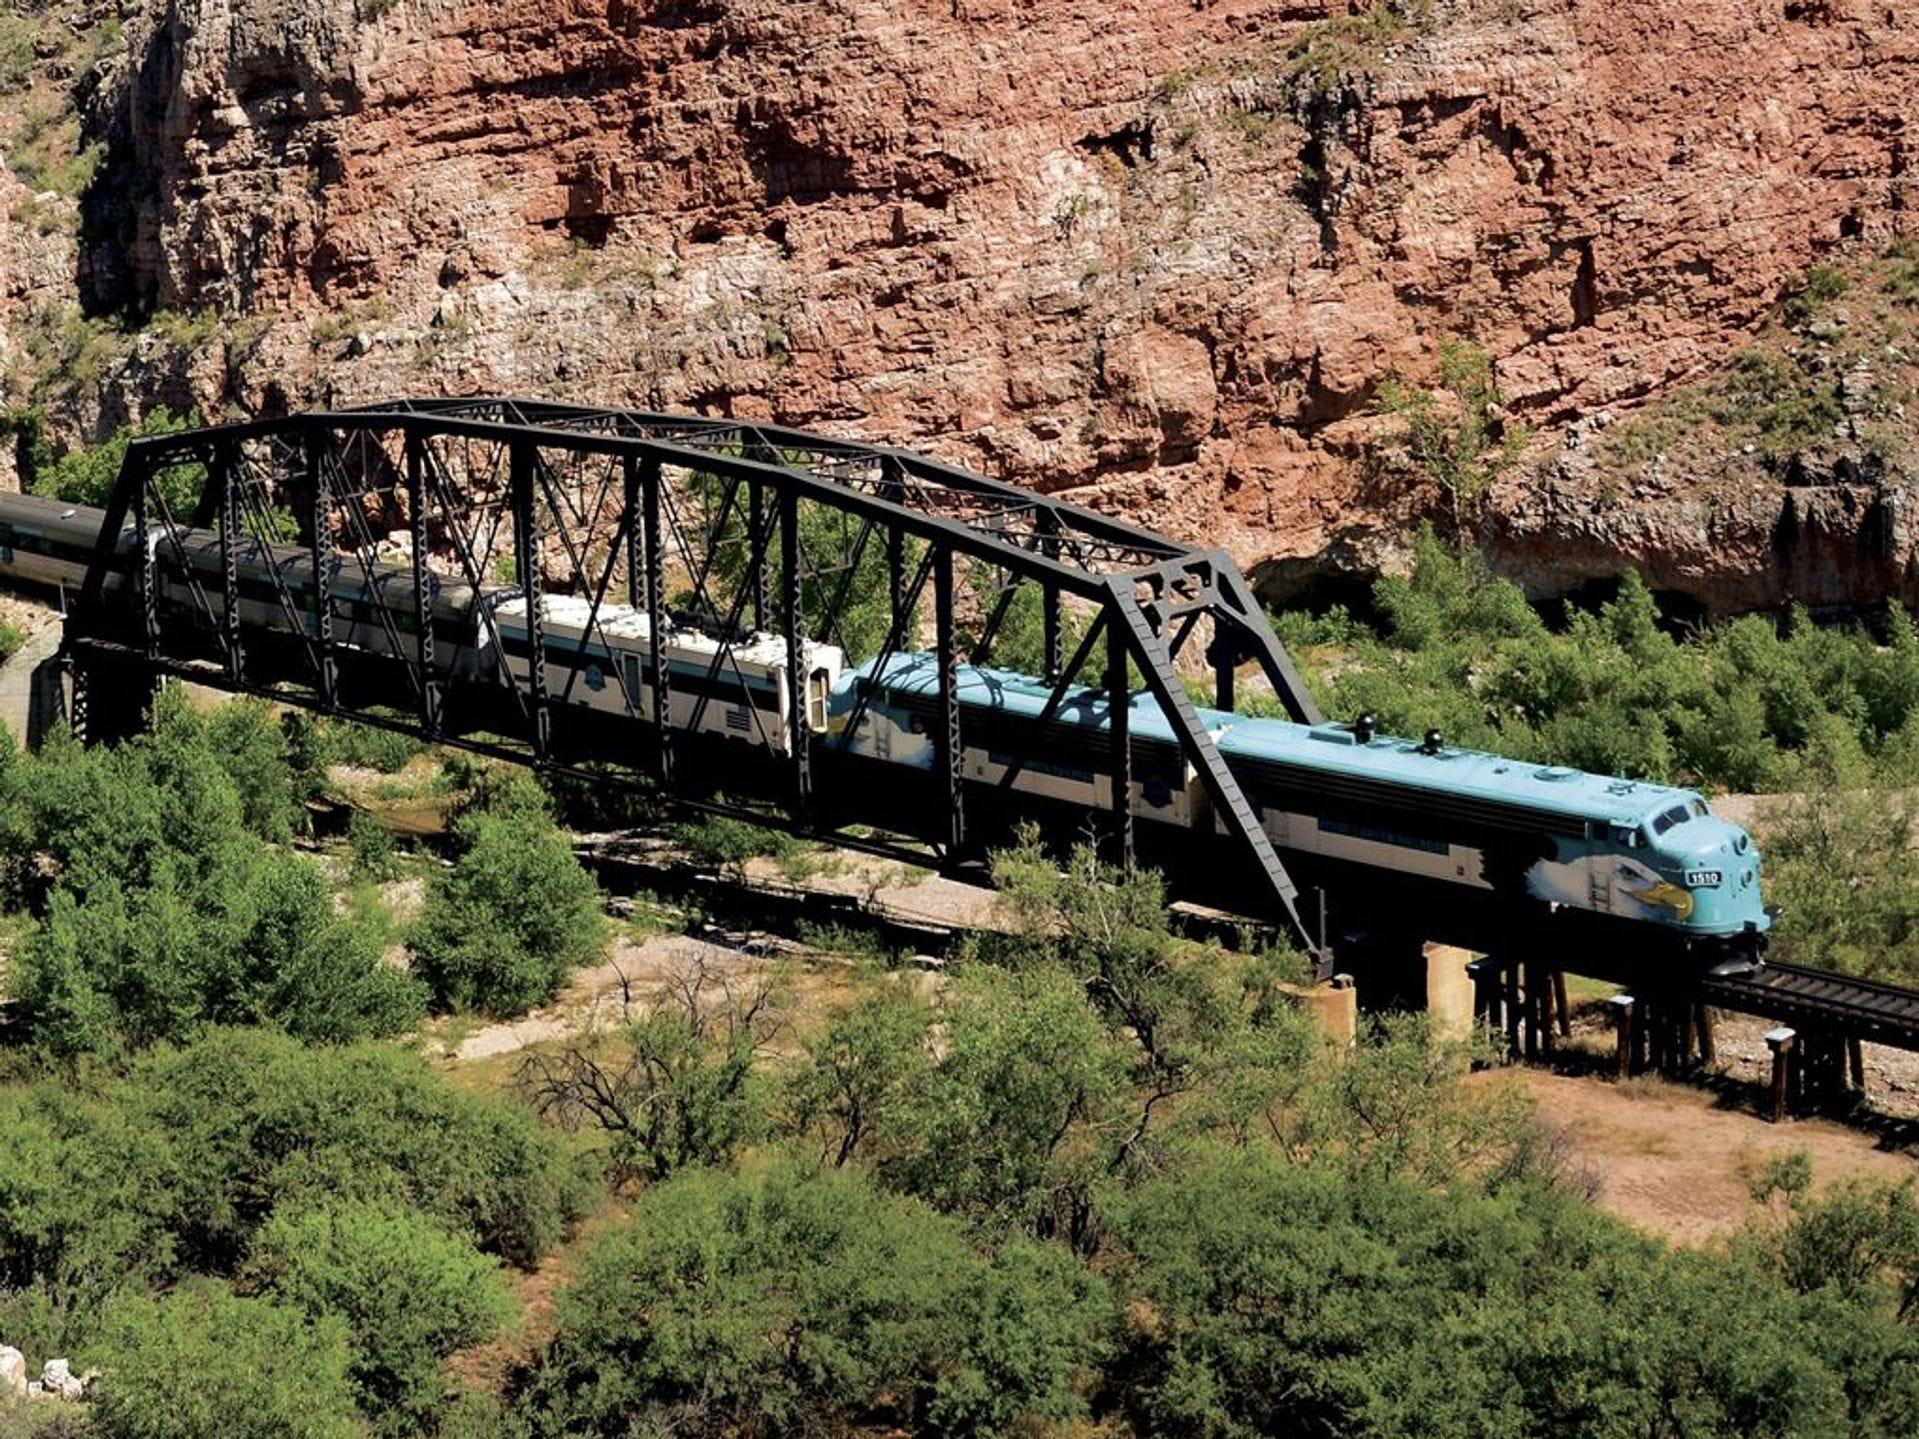 Las rocas rojas están expuestas a los pasajeros del Verde.